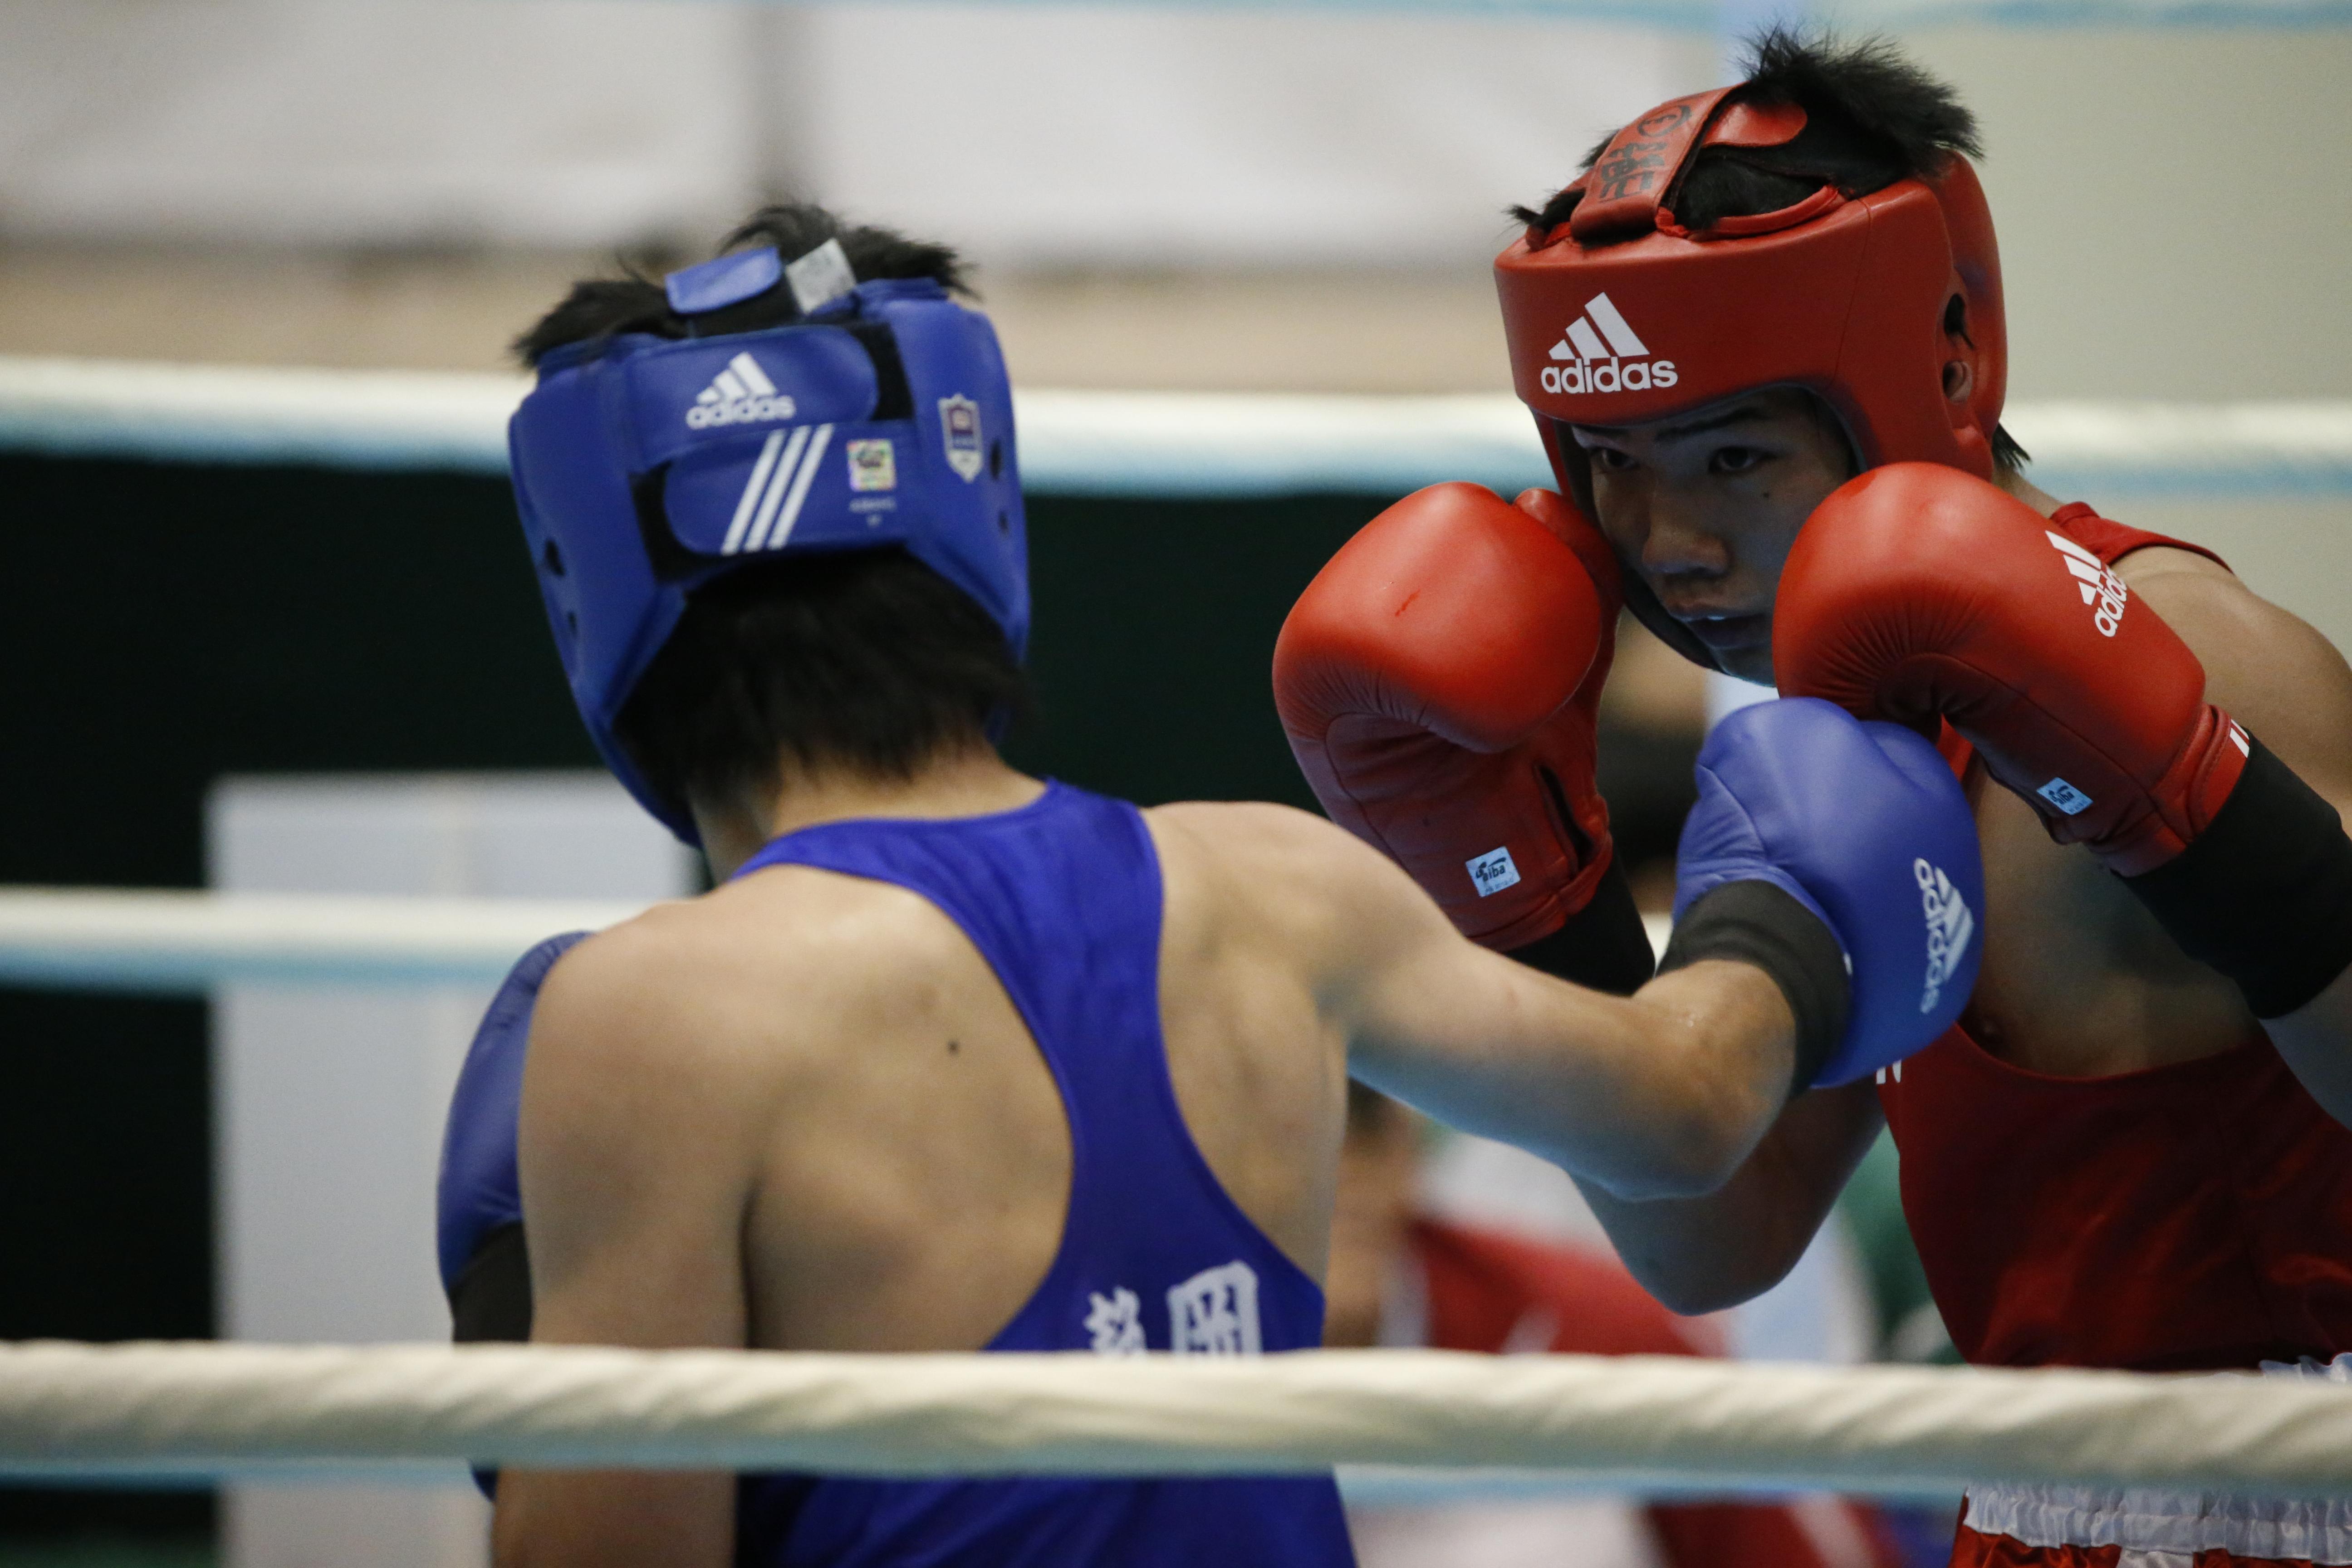 オリンピックのボクシング